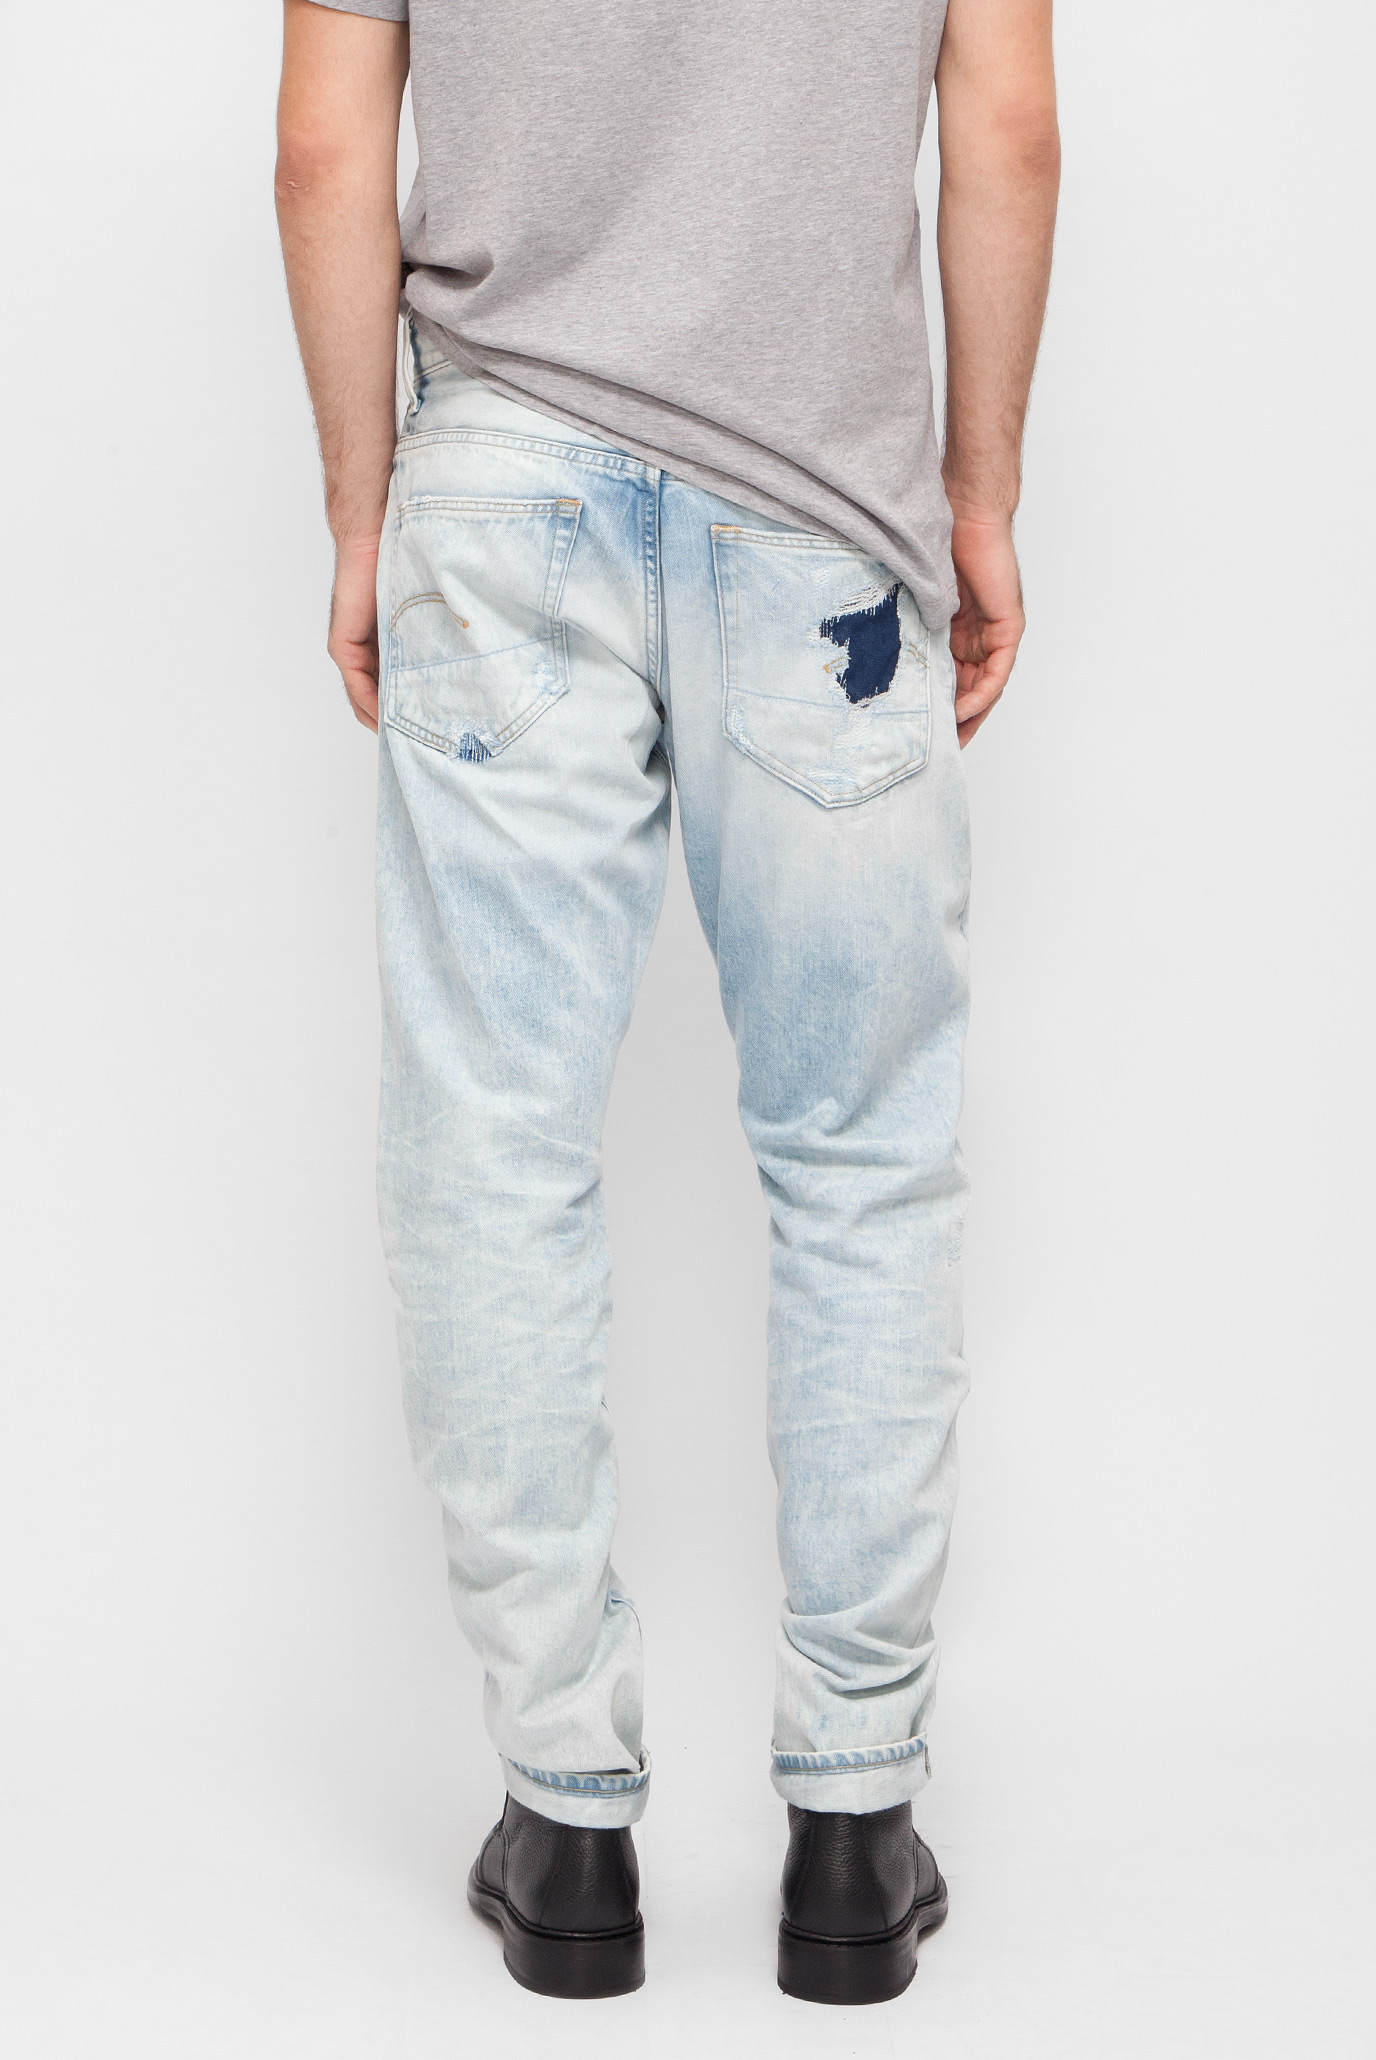 Купить Мужские голубые джинсы Tapered G-Star RAW G-Star RAW 51003,7595 – Киев, Украина. Цены в интернет магазине MD Fashion